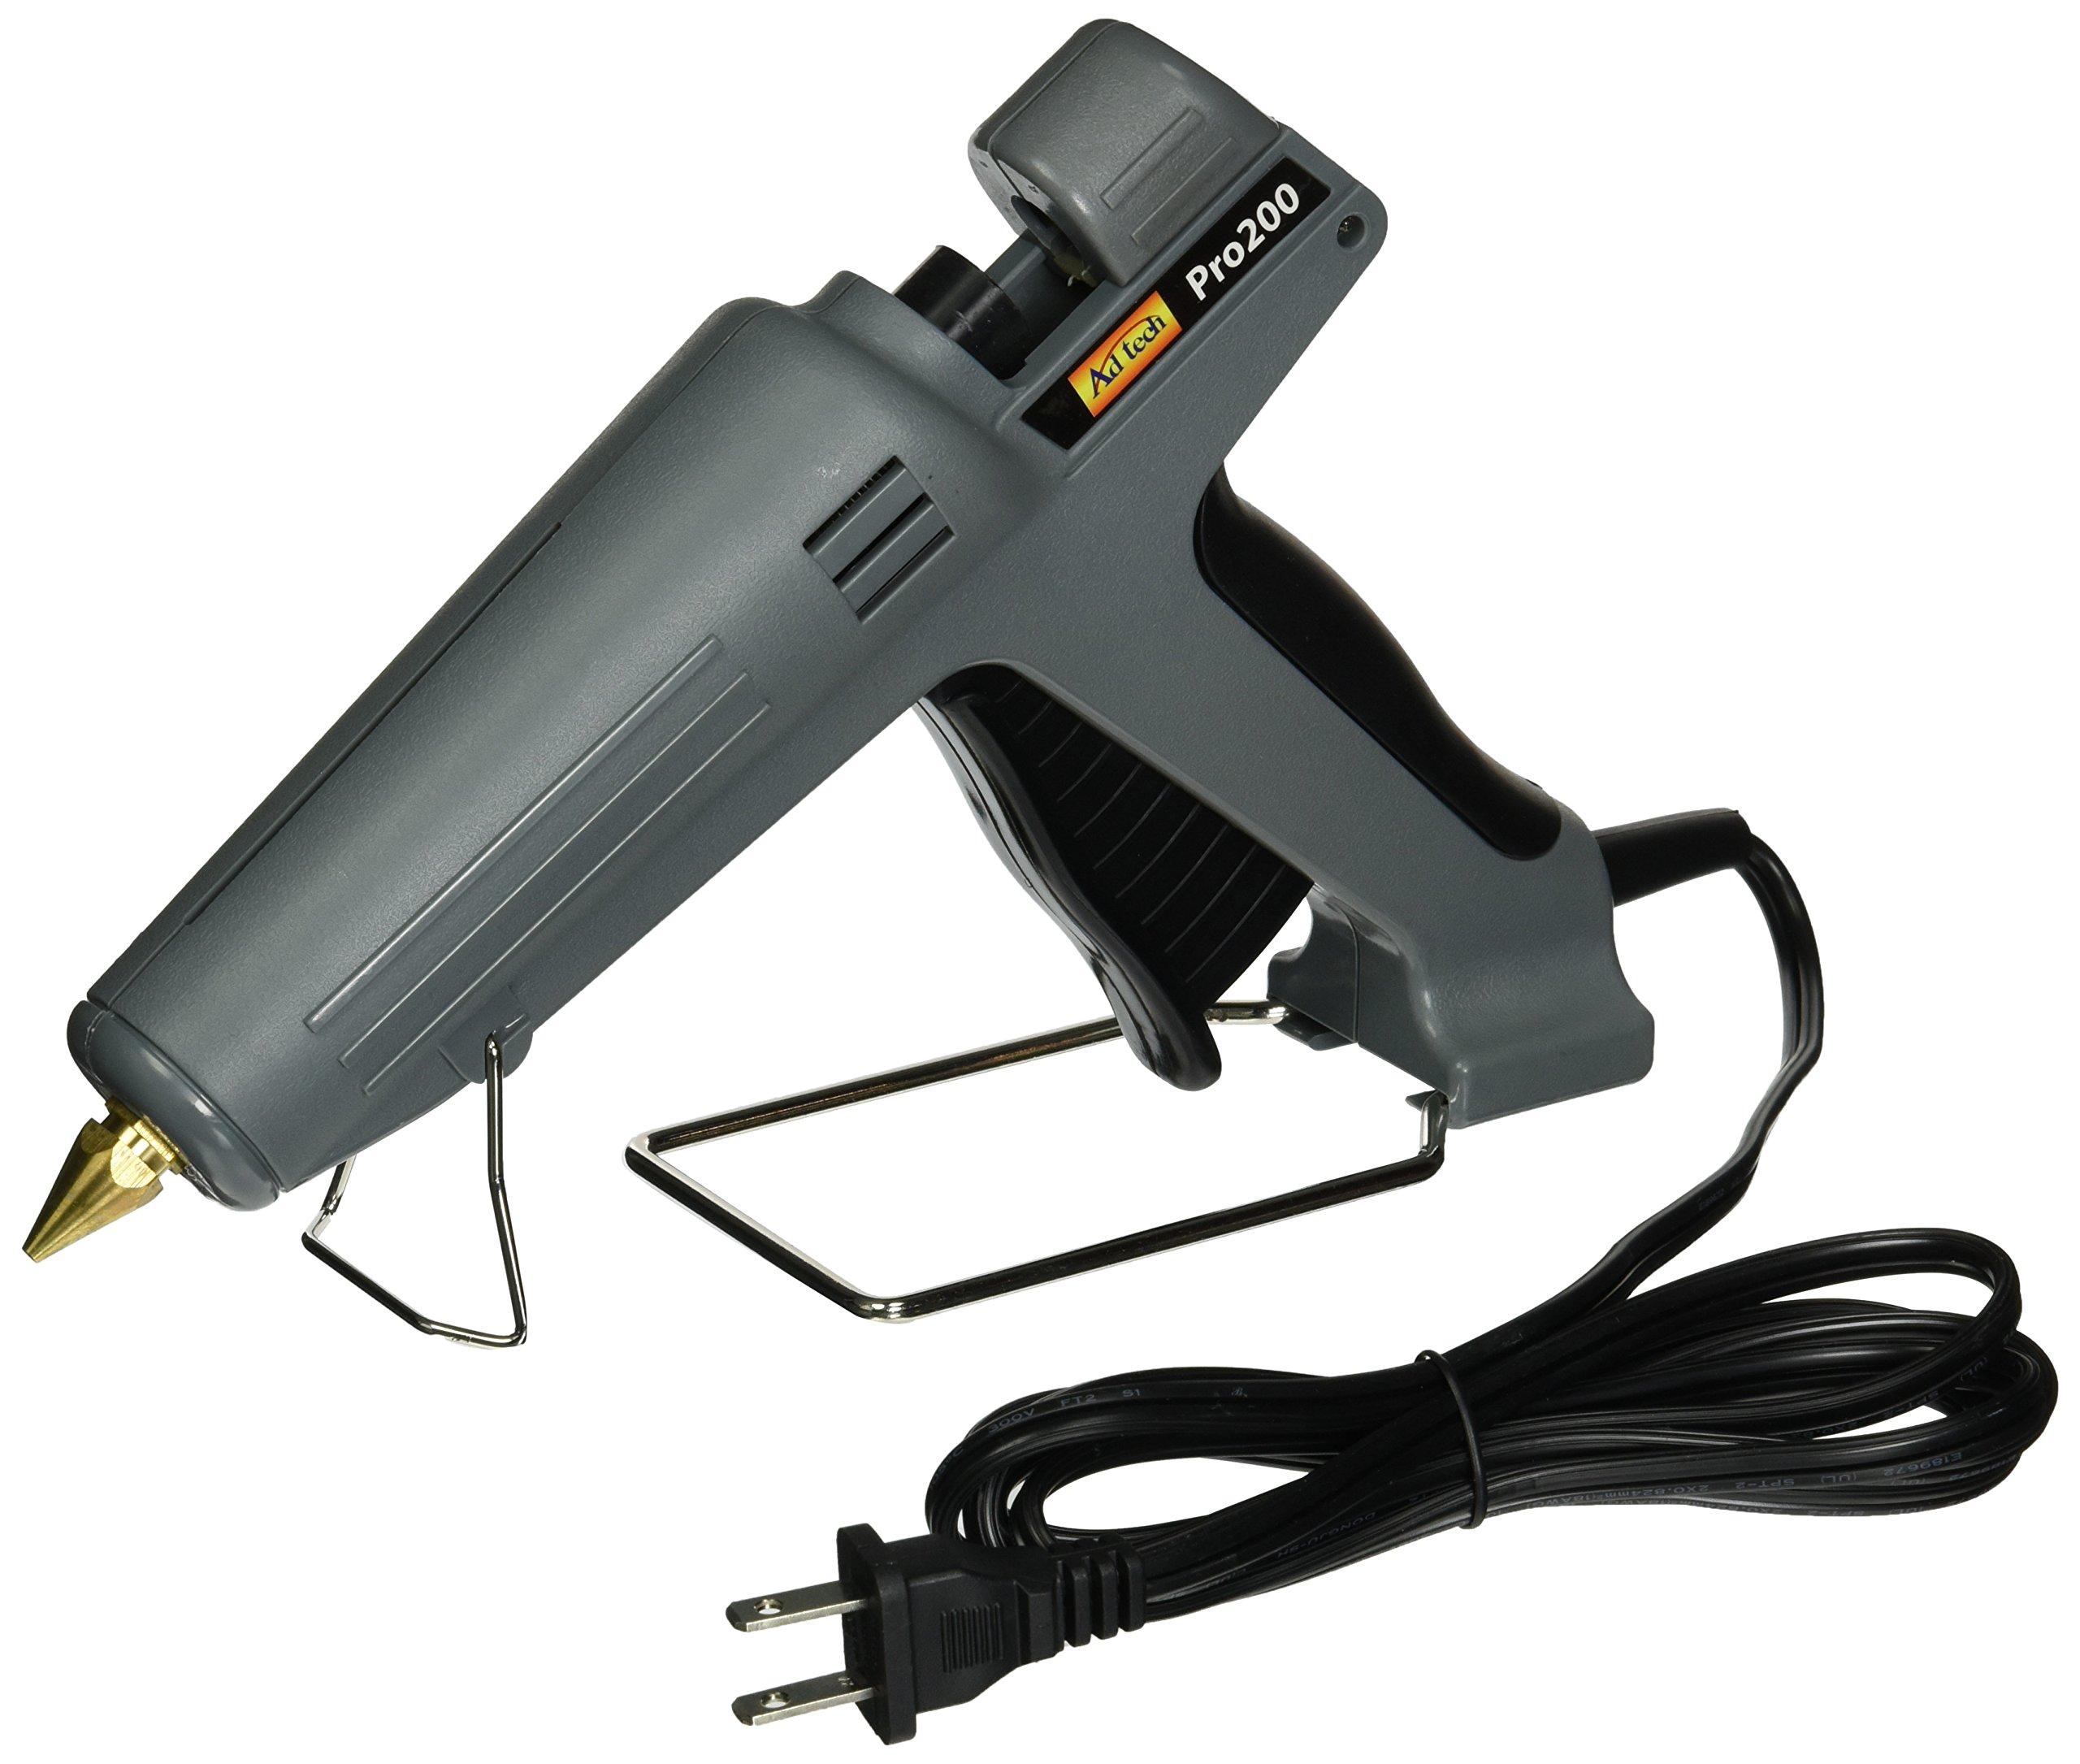 AdTech 0189 Pro 200 Industrial Hot Glue Gun, Full Size Heavy Duty, 200 watts by Ad-Tech